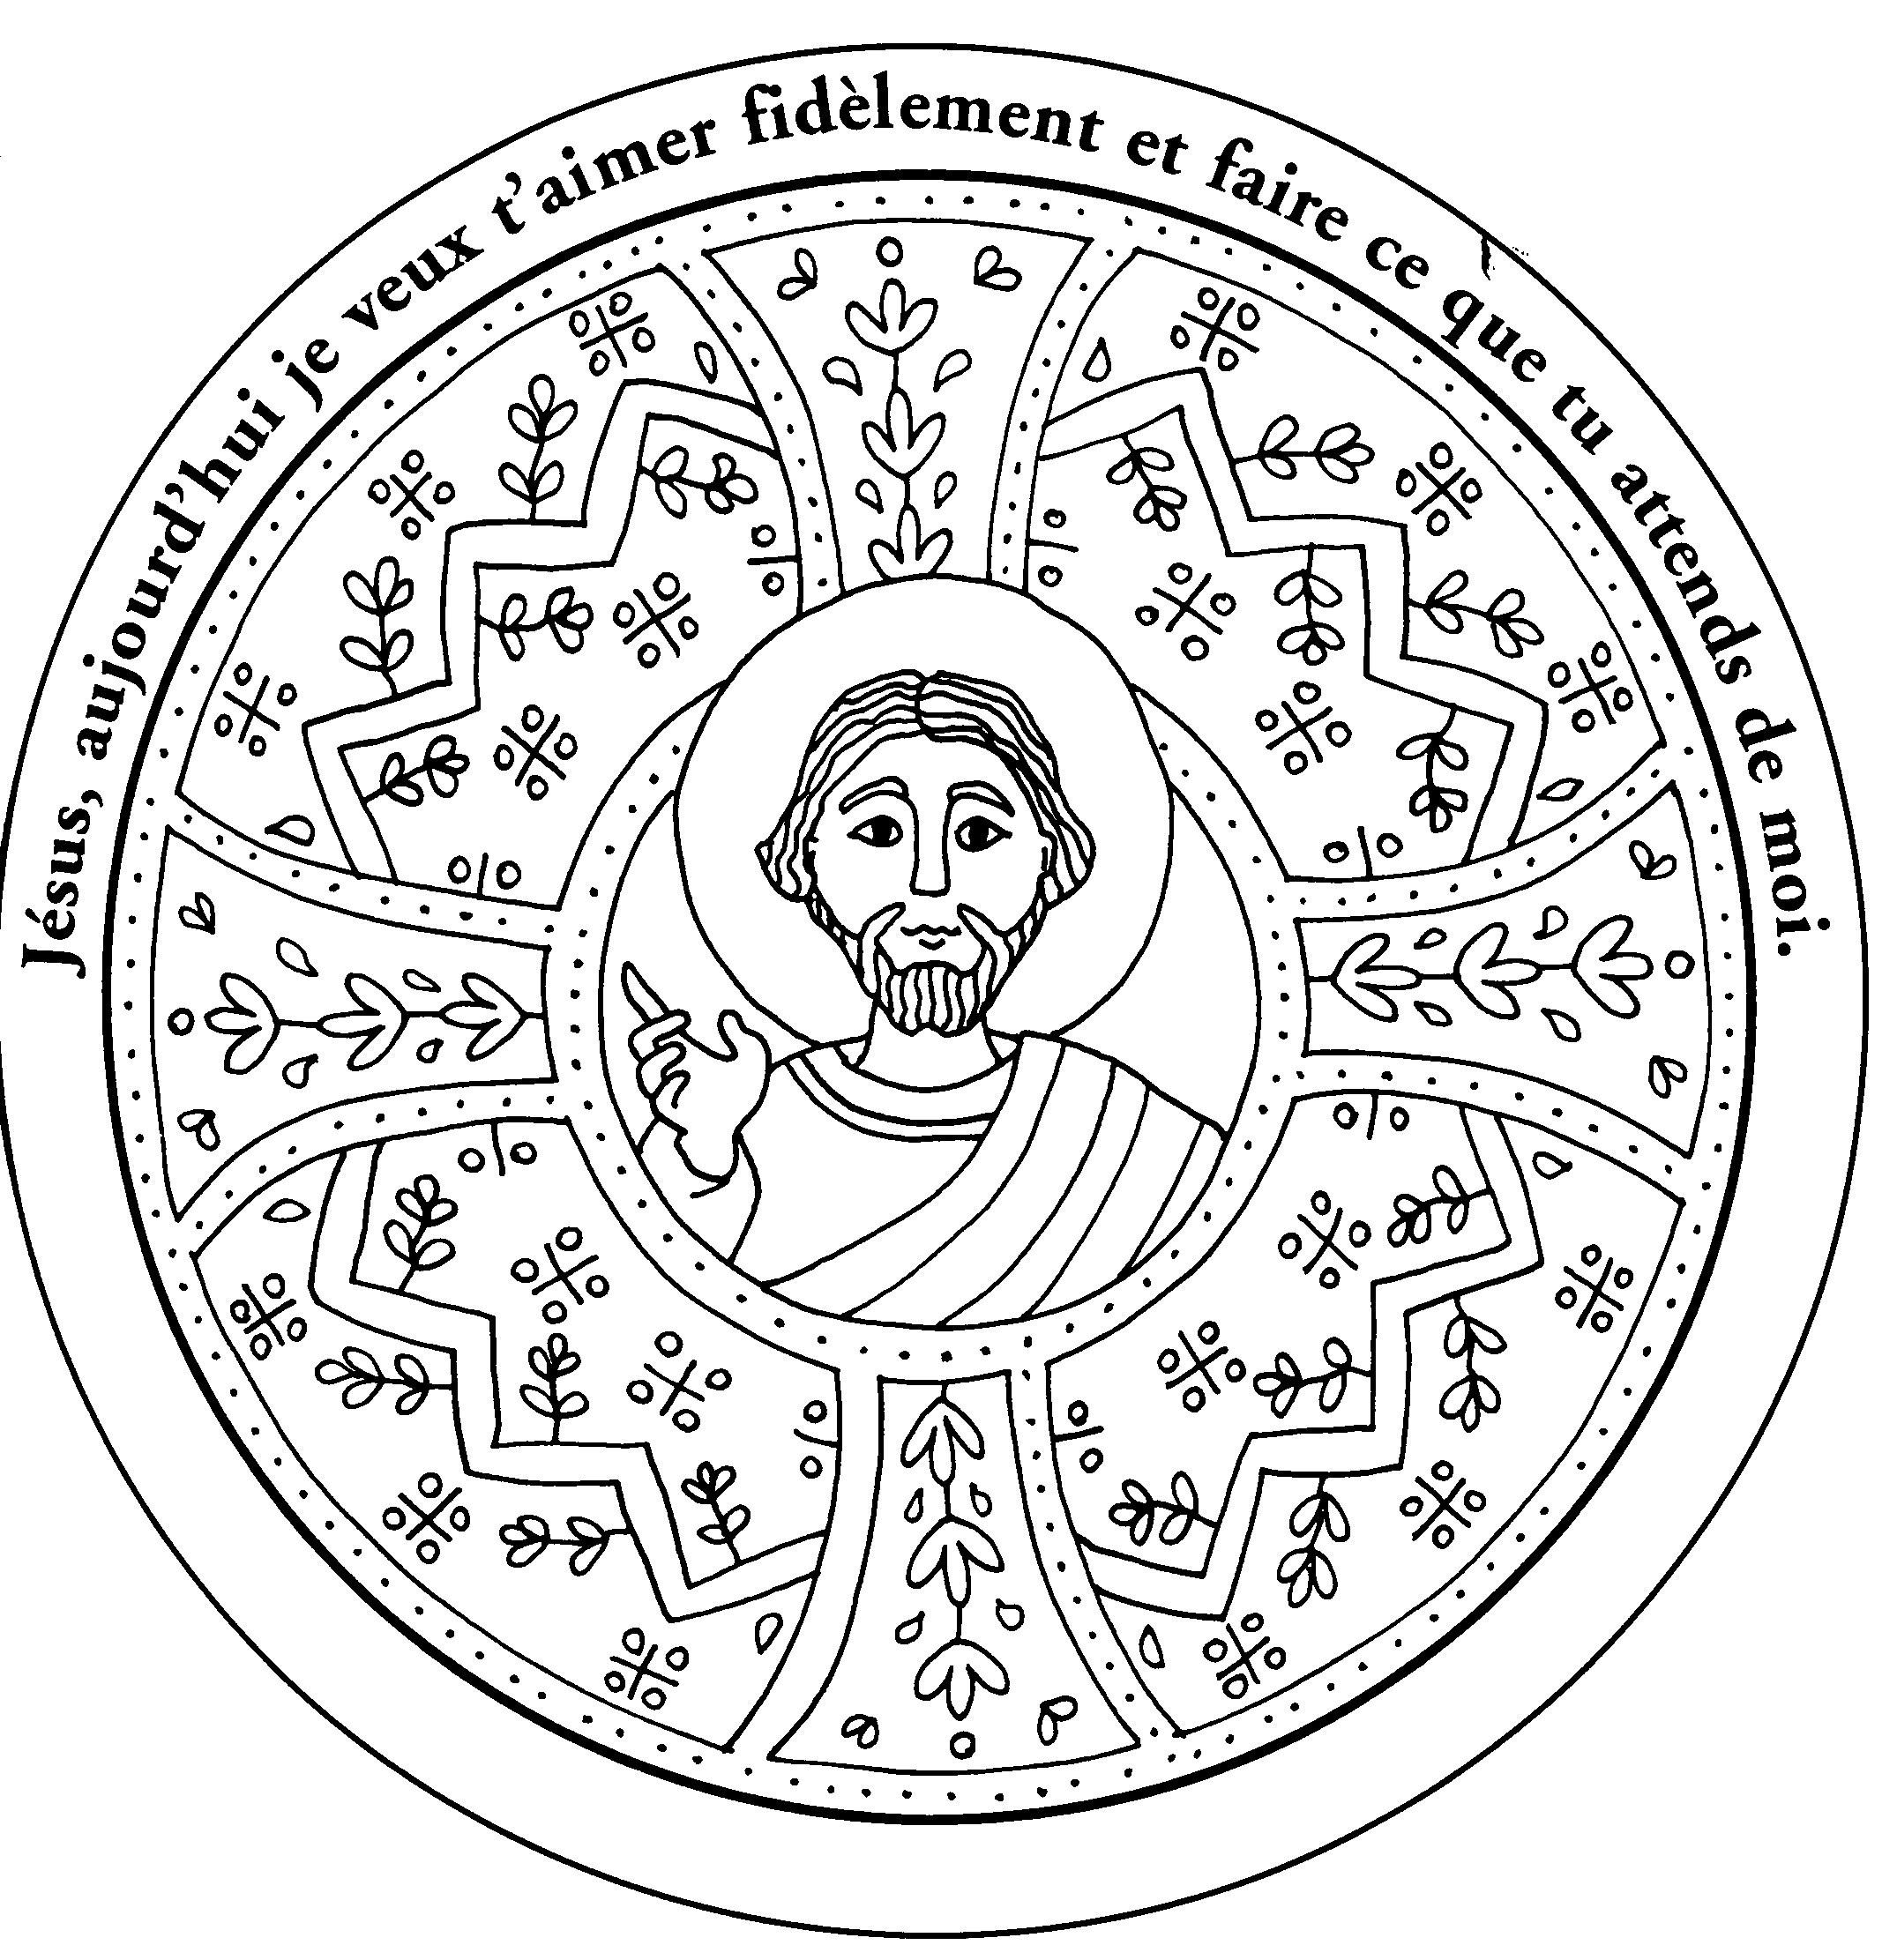 dessin 14554 une belle image de jsus a colorier et imprimer gratuit